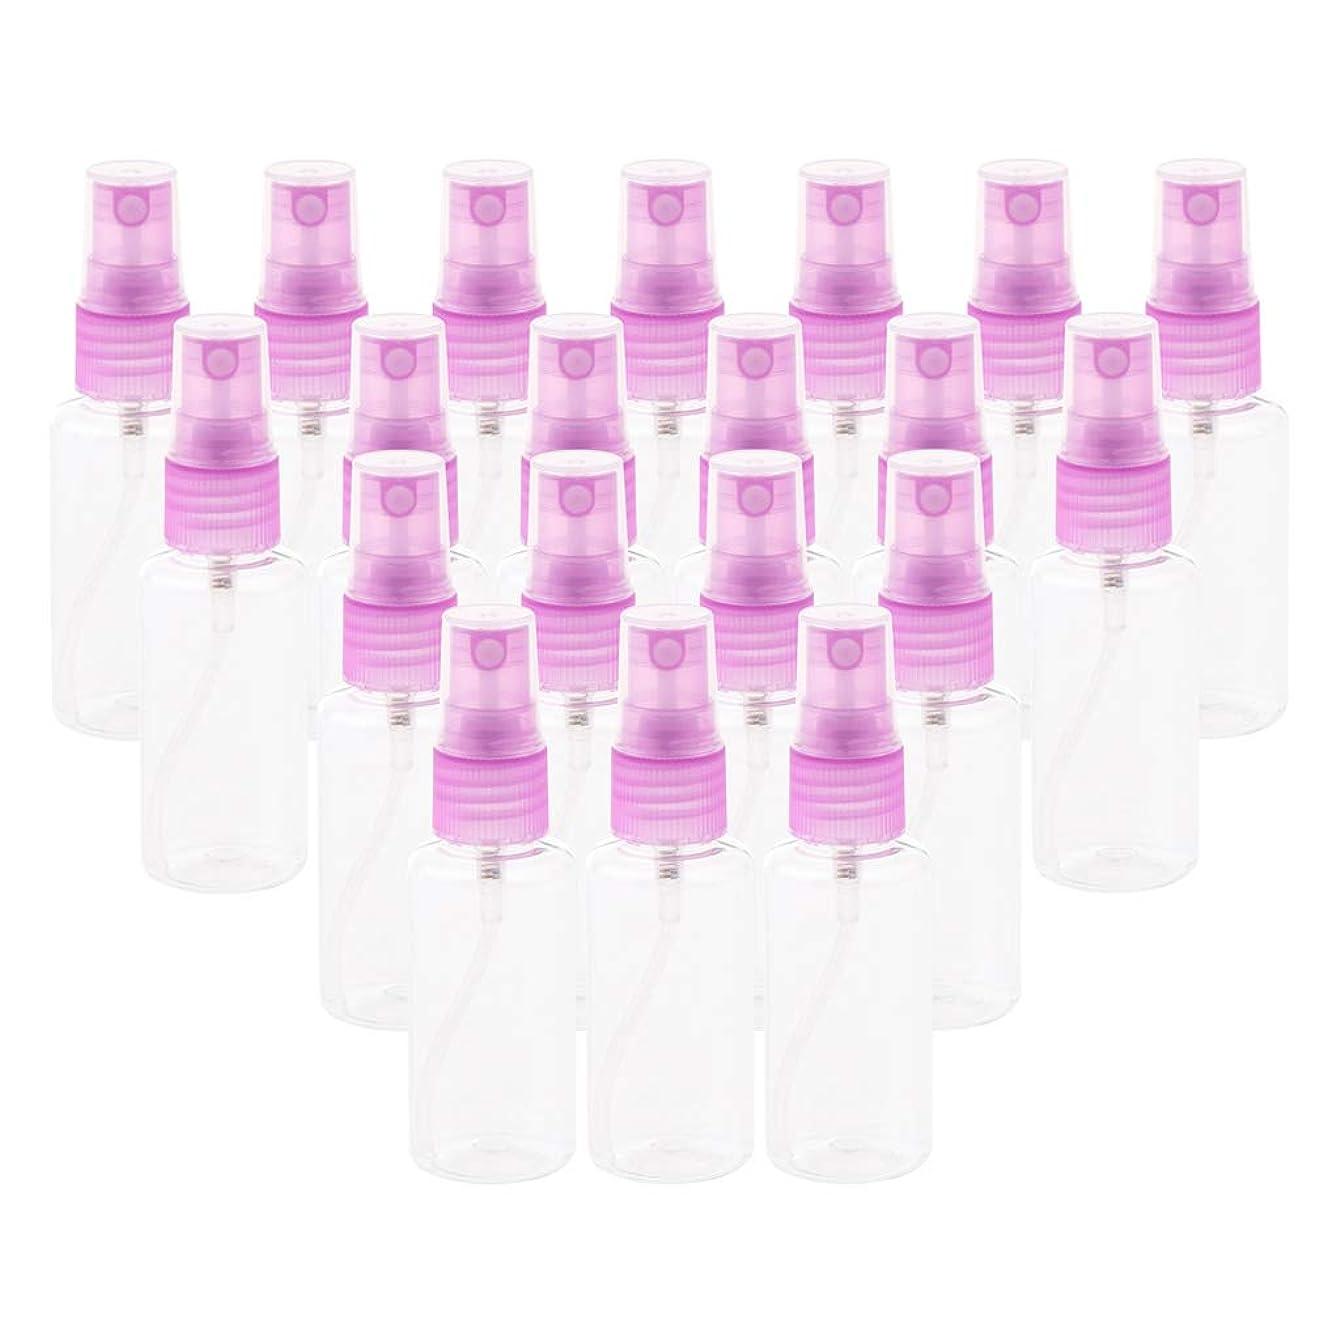 タクト中世の膨らませるCUTICATE 約20個 30ml 化粧小分け容器 トラベル用ボトル 詰替ボトル スプレーボトル 旅行用 全3色 - 紫